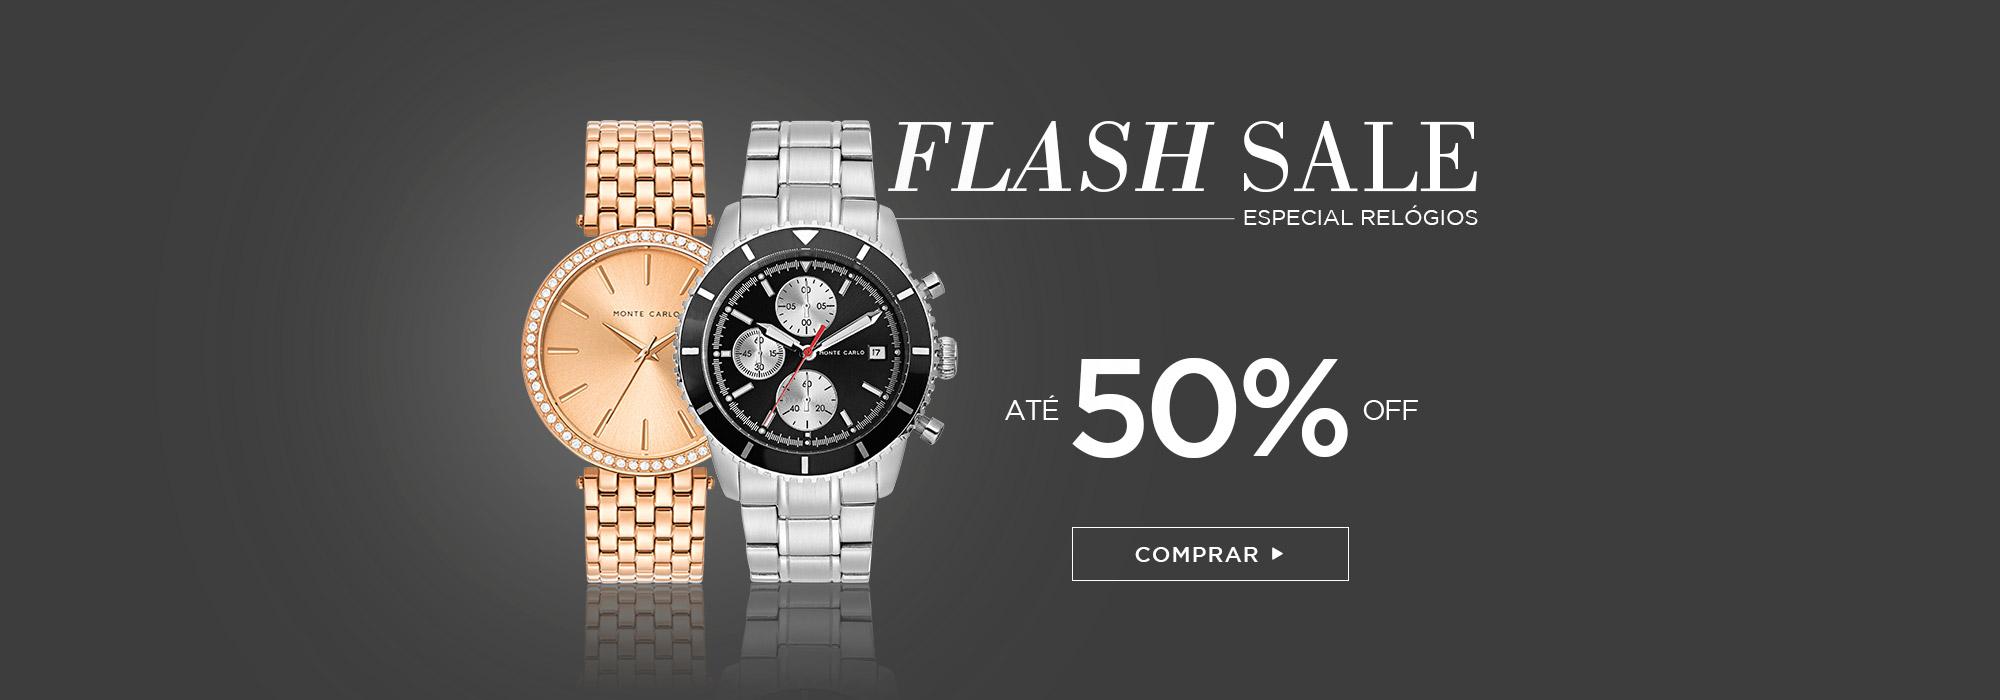 Flash Sale Especial Relógios | Monte Carlo